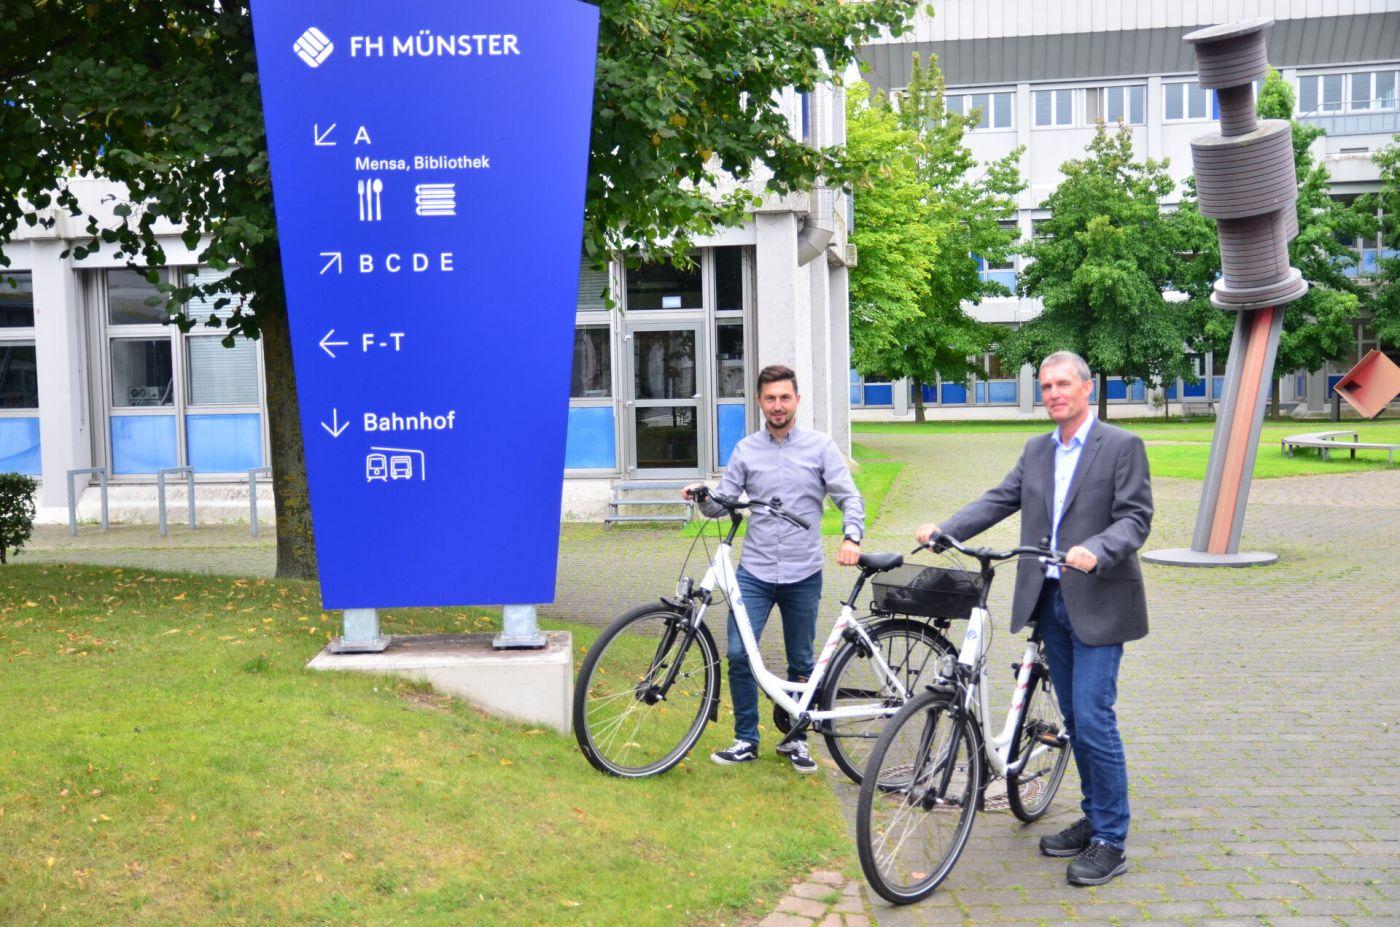 Stefan Thomas Fiekers und André Müller haben im Dezernat Gebäudemanagement der FH Münster am Mobilitätskonzept für den Campus Steinfurt mitgearbeitet.  (Foto: FH Münster/Frederik Tebbe)